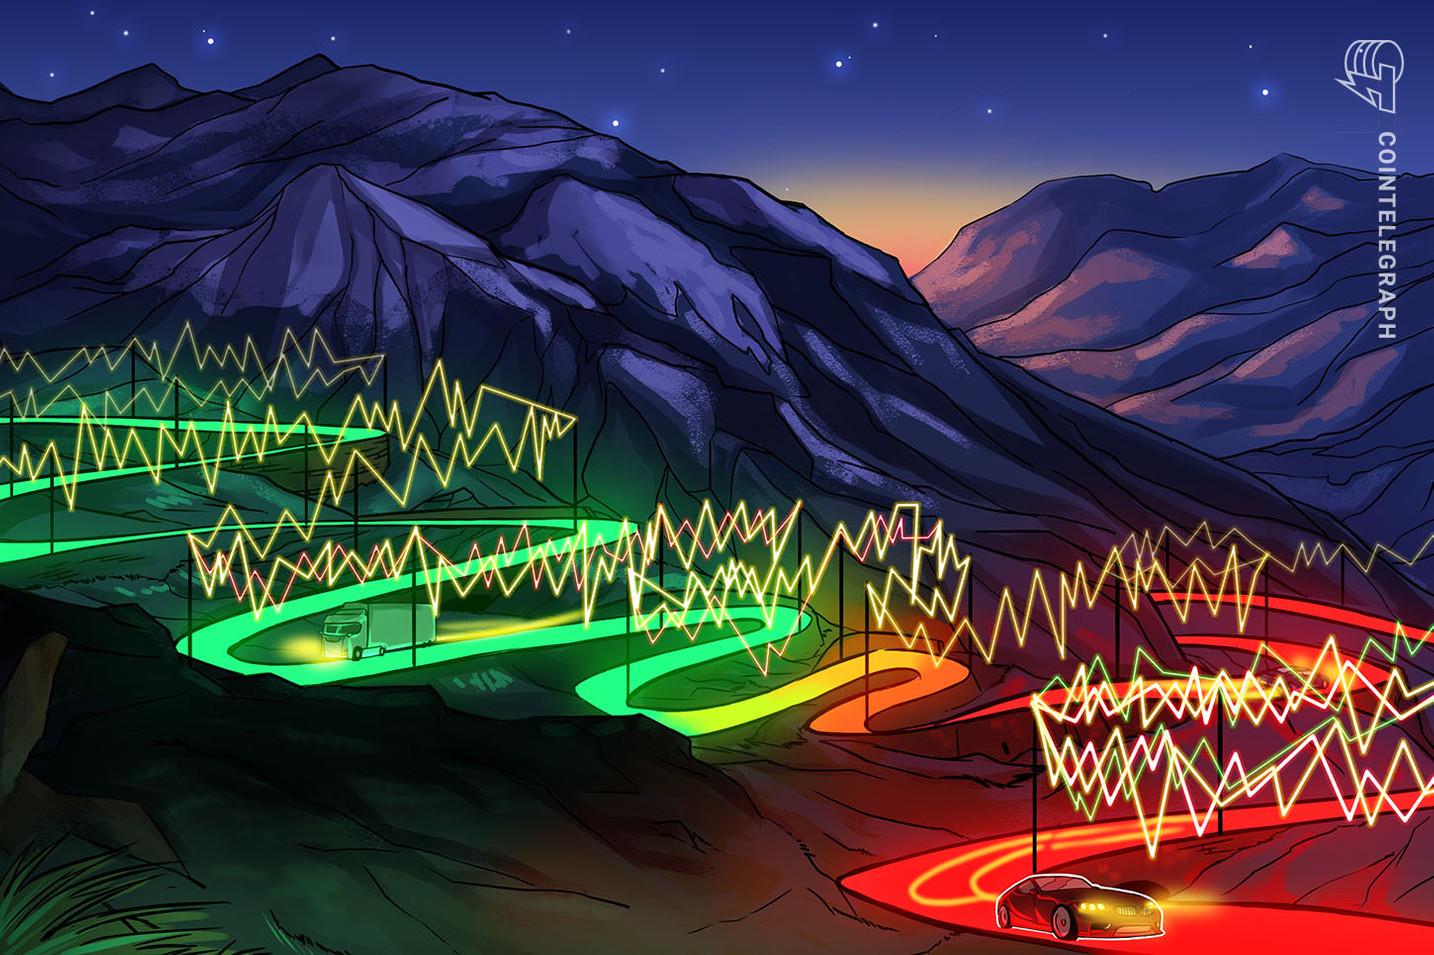 Kryptomärkte schwanken leicht in beide Richtungen, Bitcoin liegt bei 9.500 US-Dollar